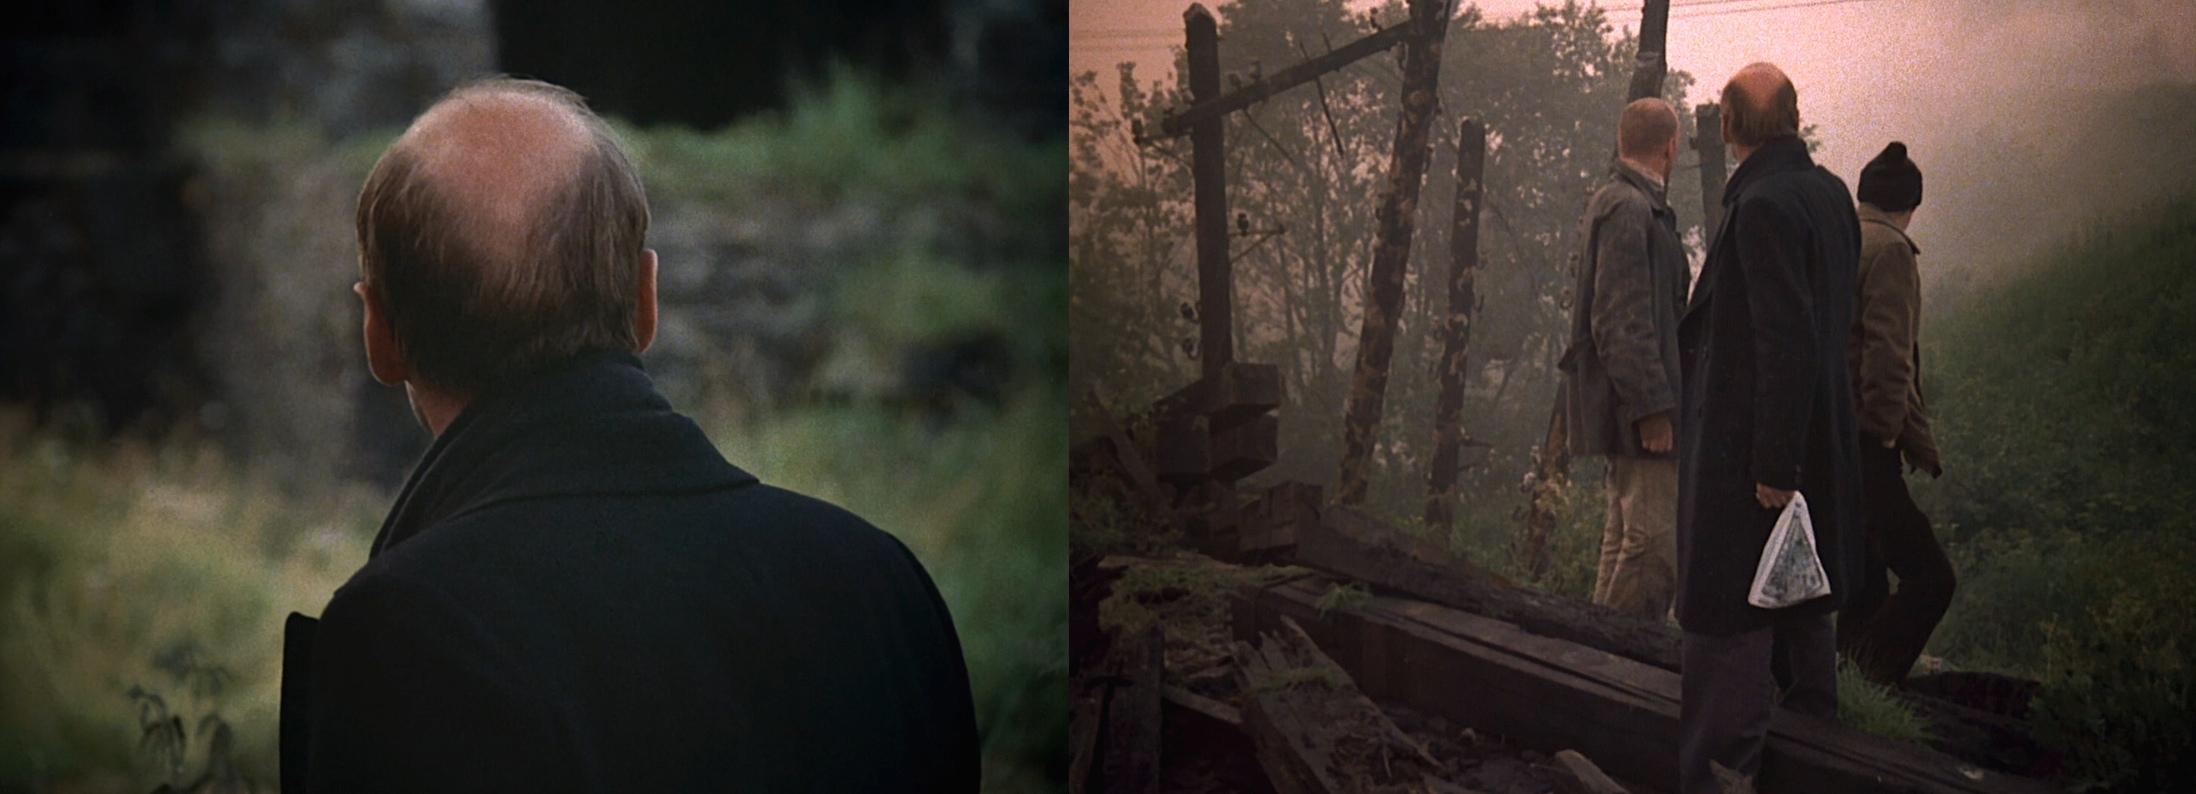 #35 Stalker [1979] - dir. Andrei Tarkovsky